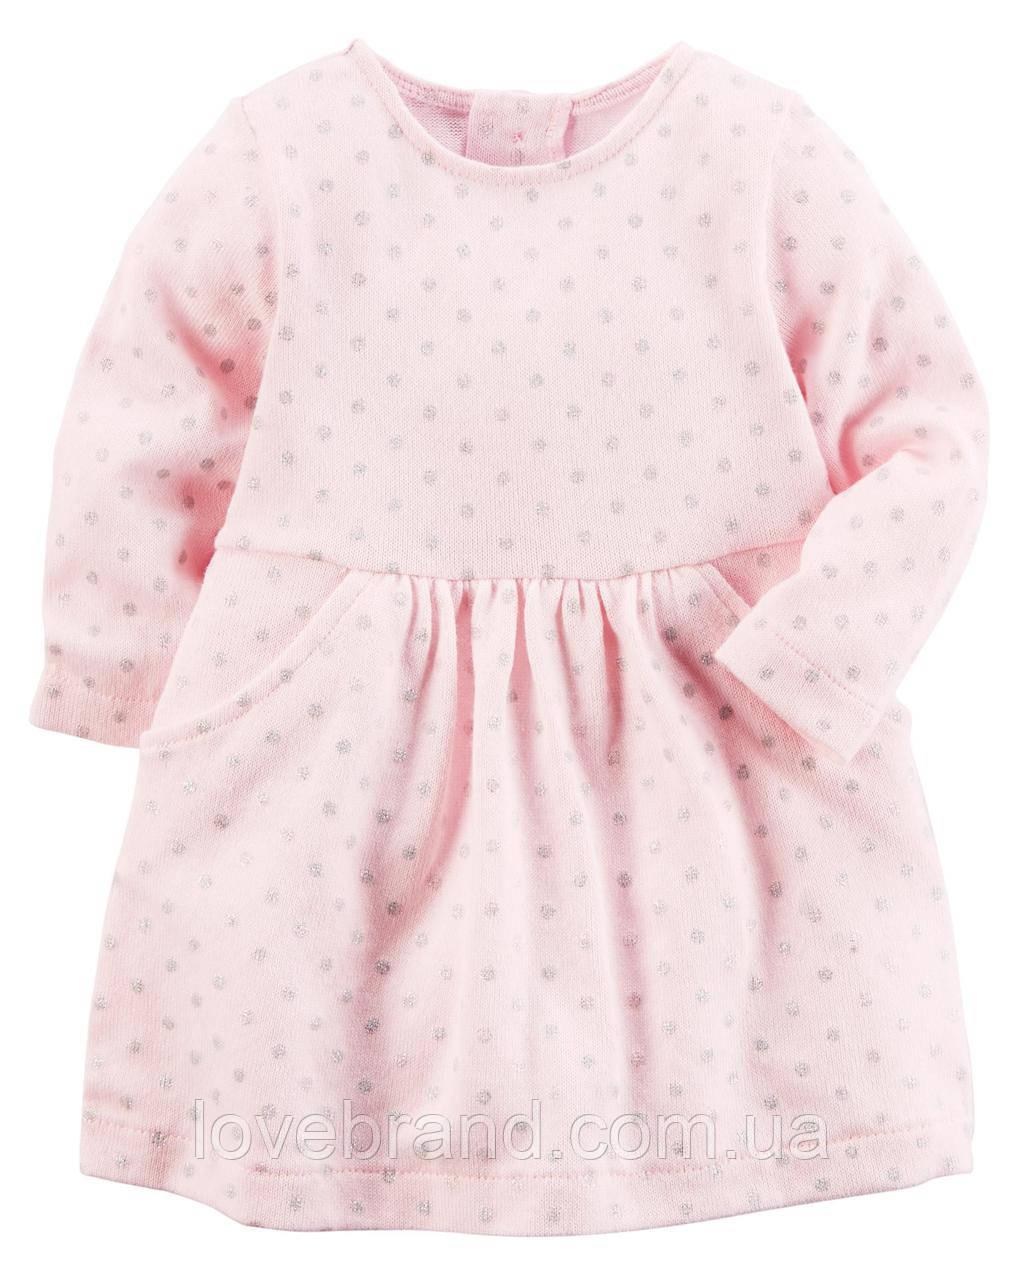 Вязаное платье Carter's в горошек с трусиками розовое 3 мес/55-61 см